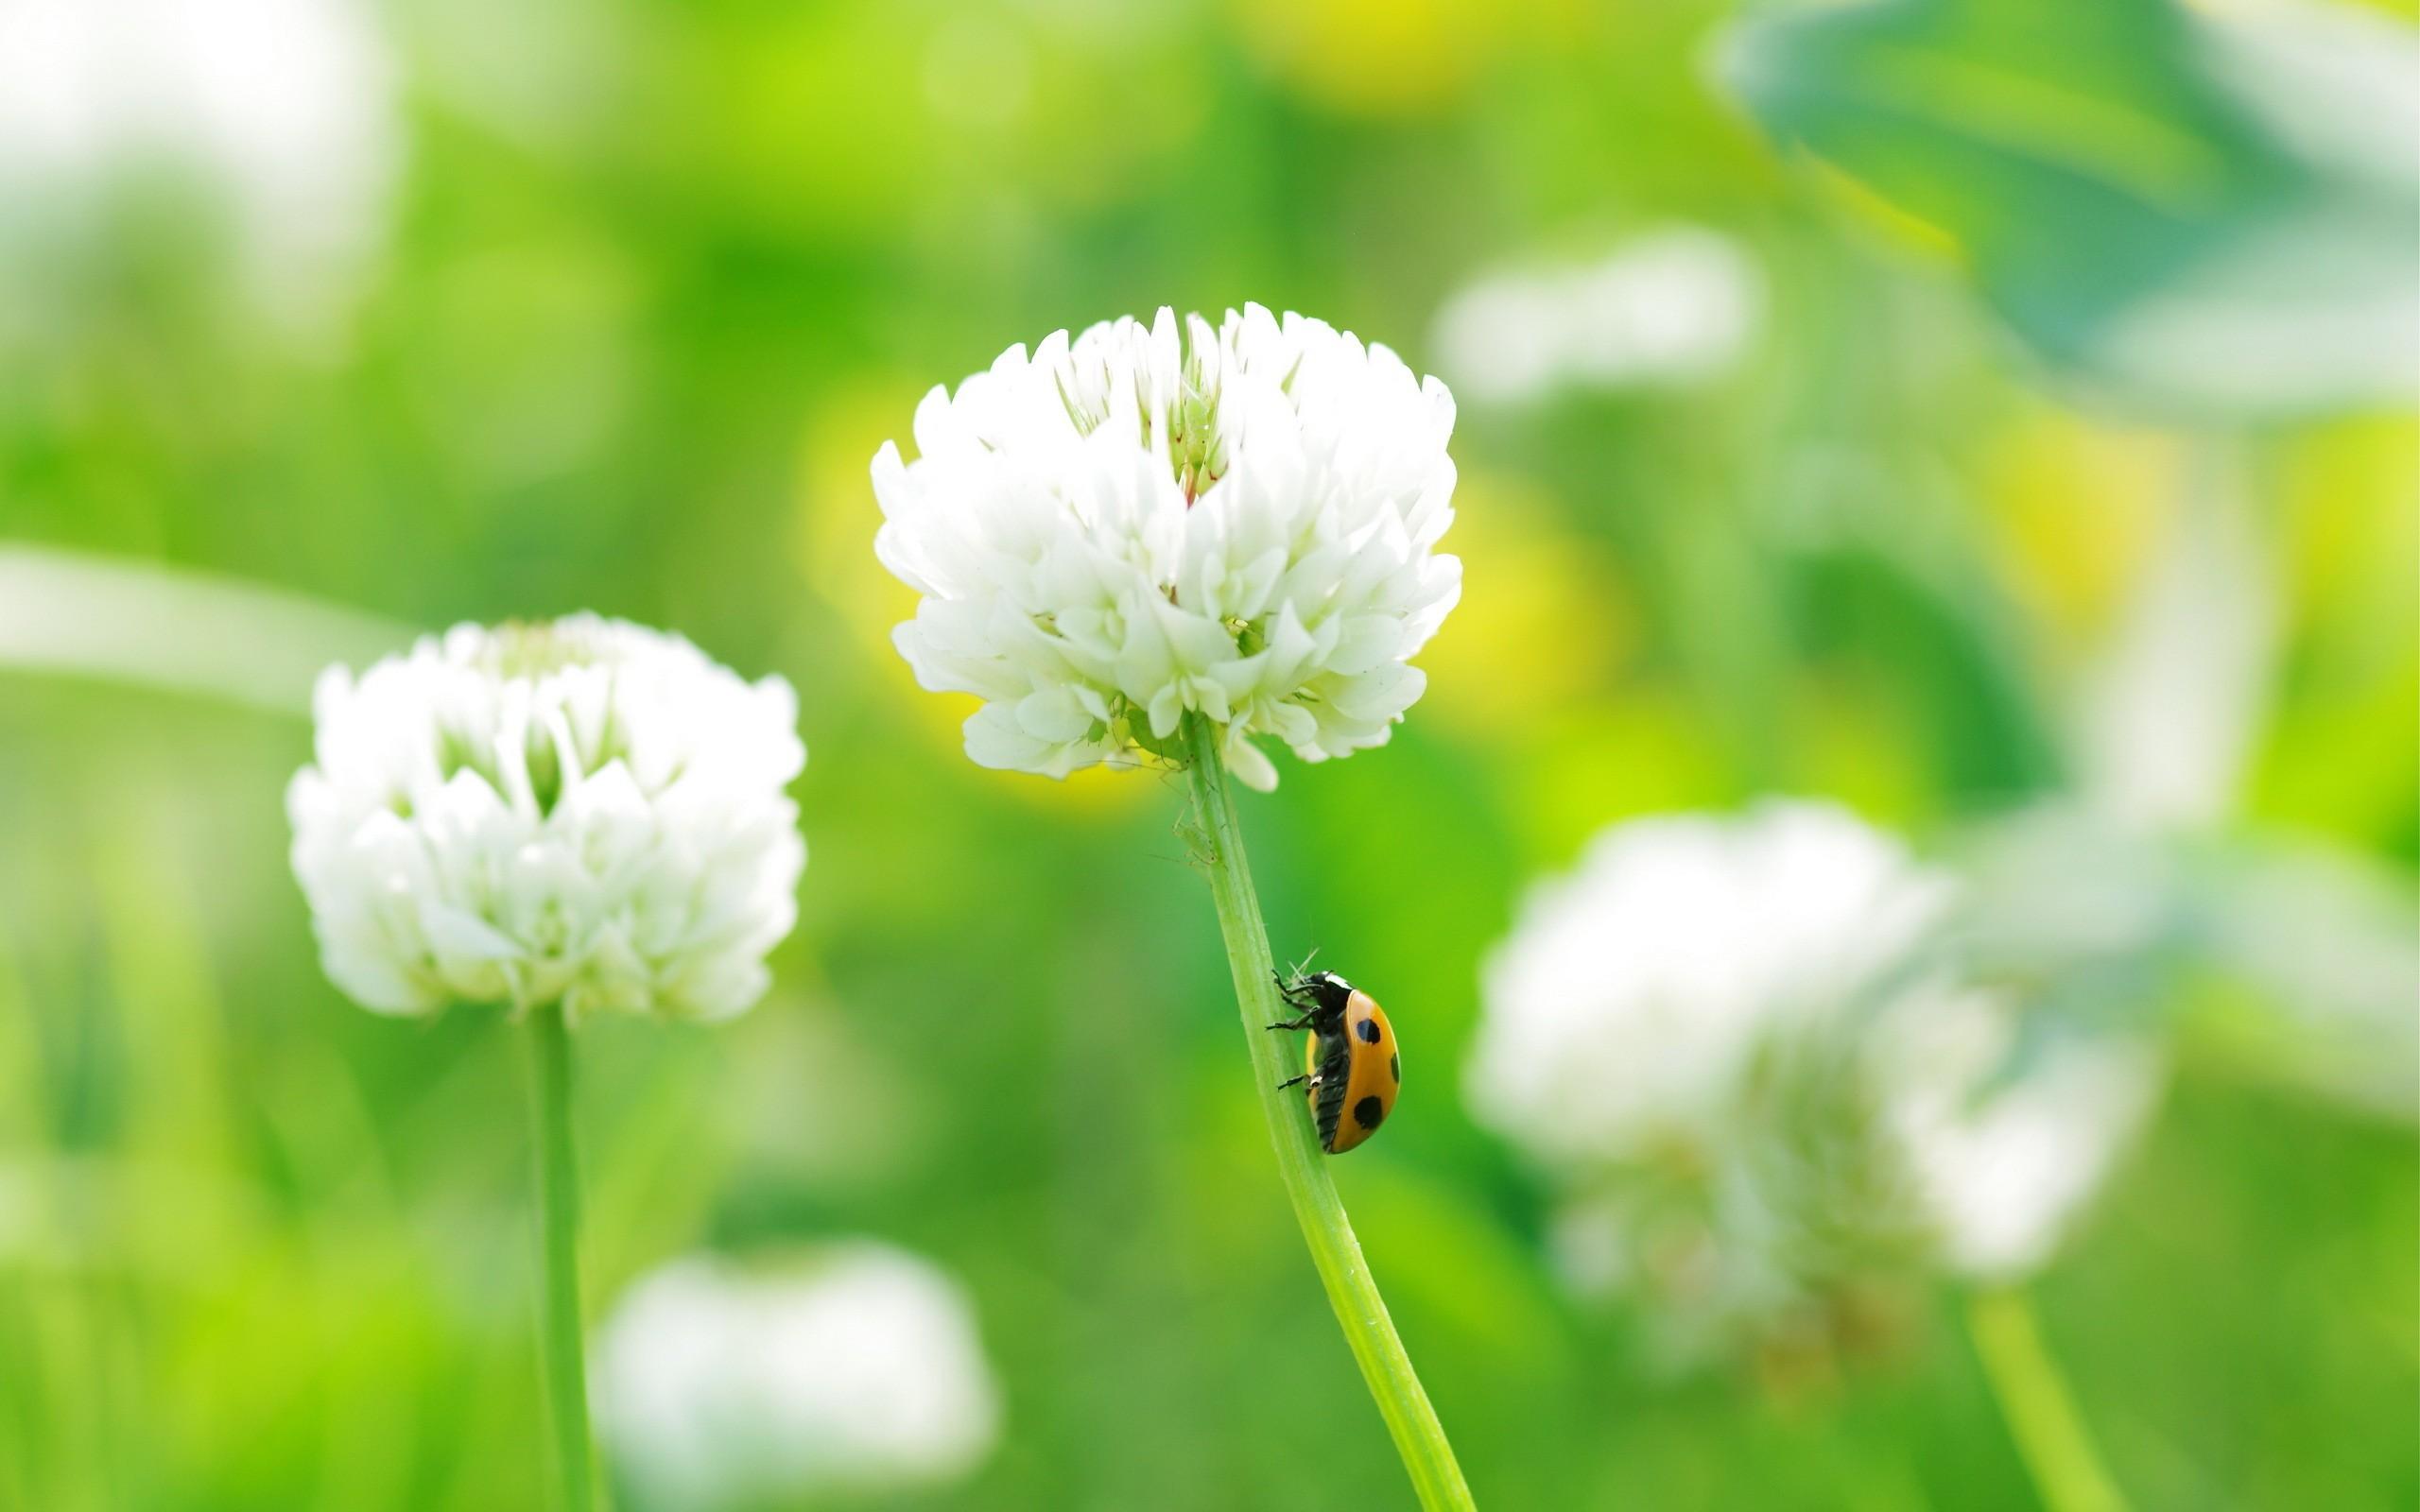 Flor y unos insectos - 2560x1600